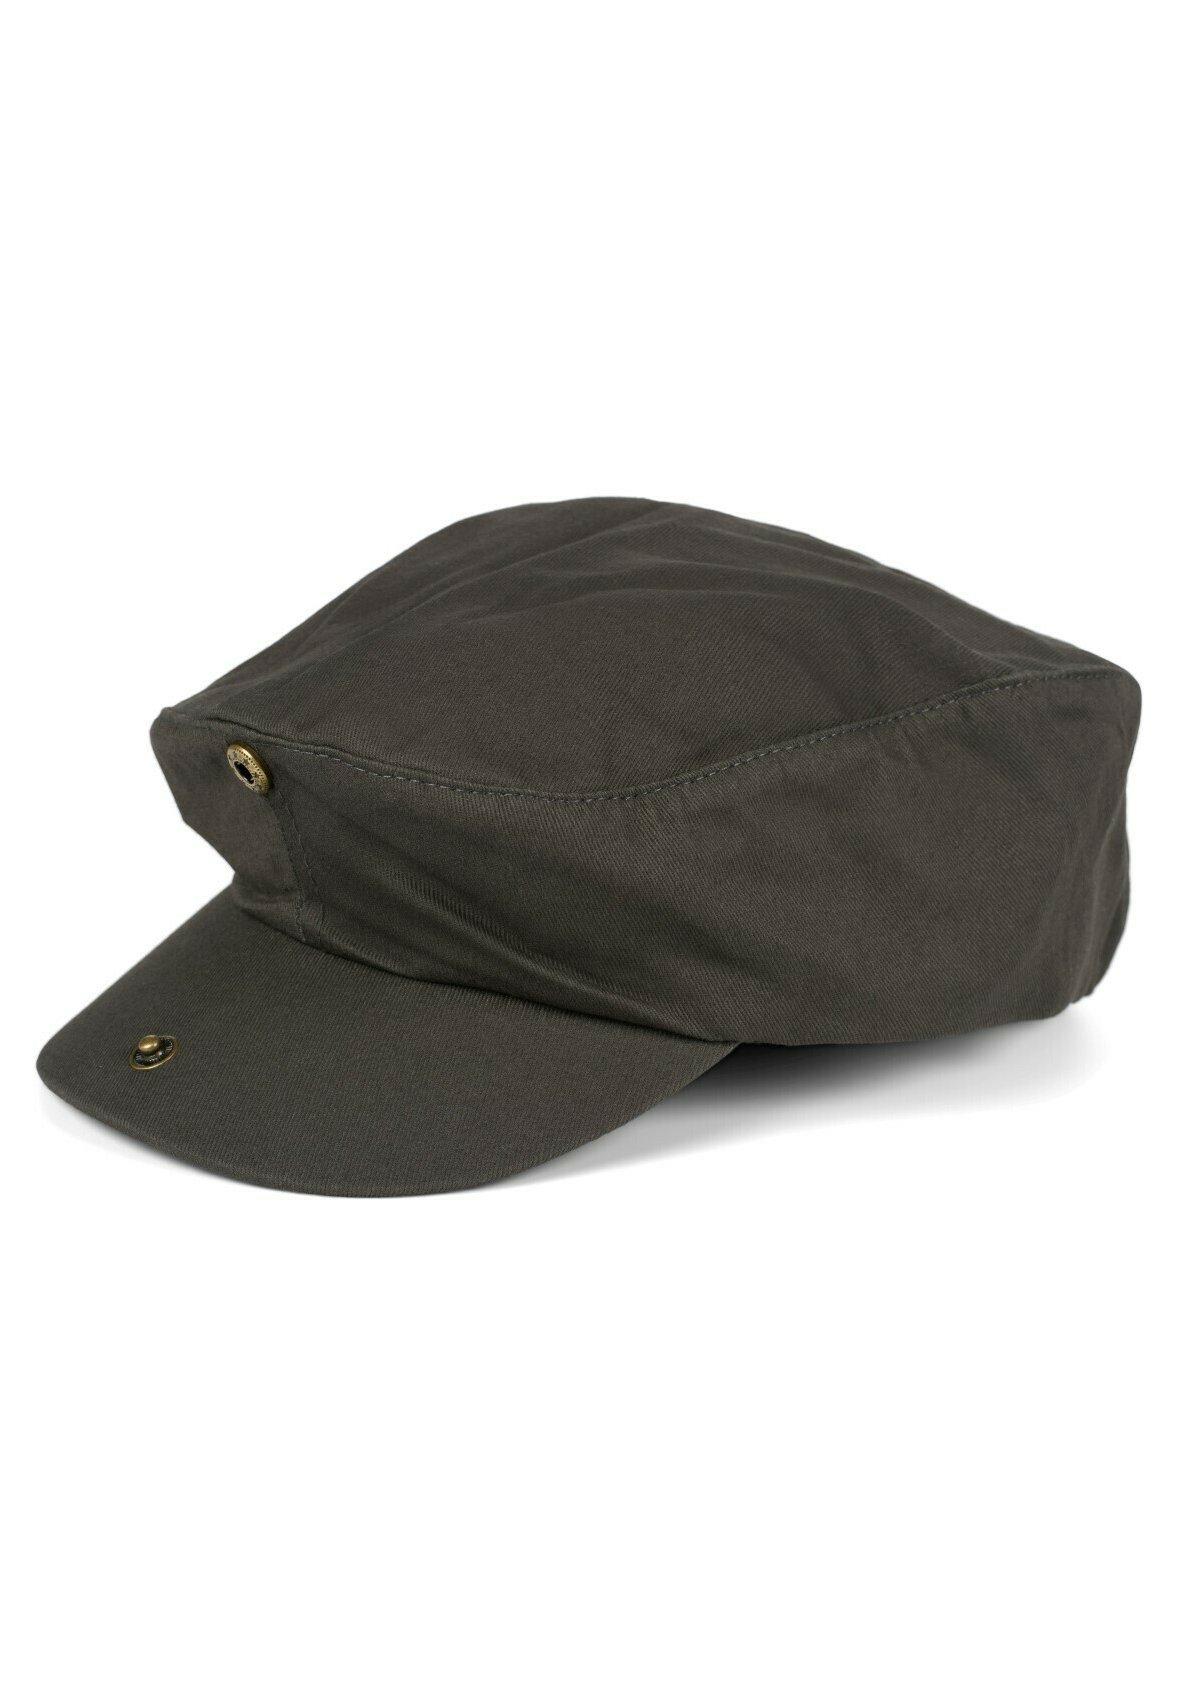 Herren Cabrio einfarbig verstellbar Newsboy - Mütze